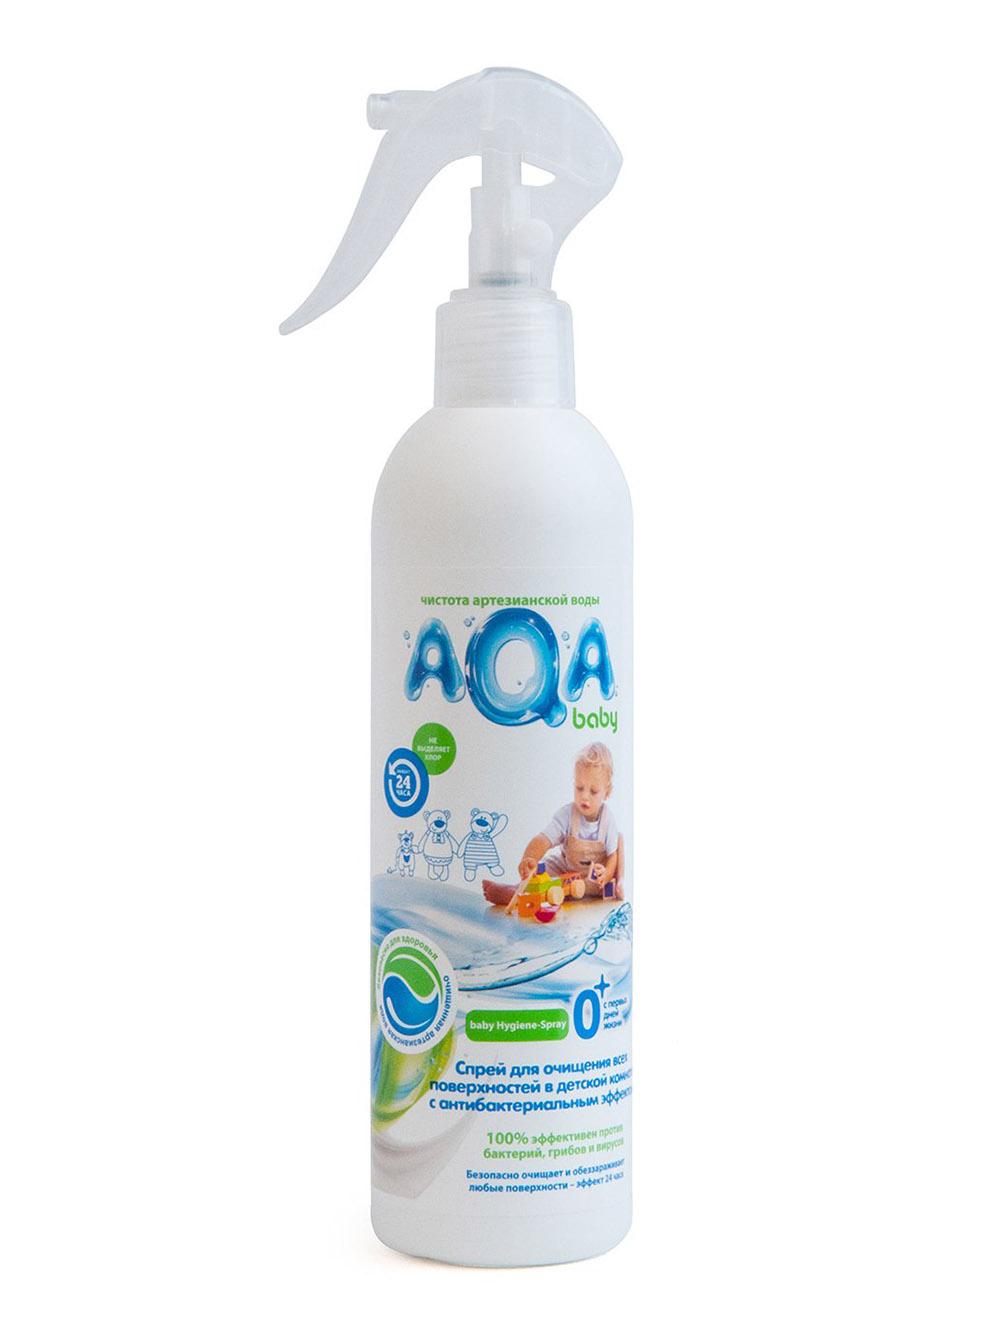 009521 AQA baby  Спрей для очищения всех поверхн с антибактер эффектом 300vk